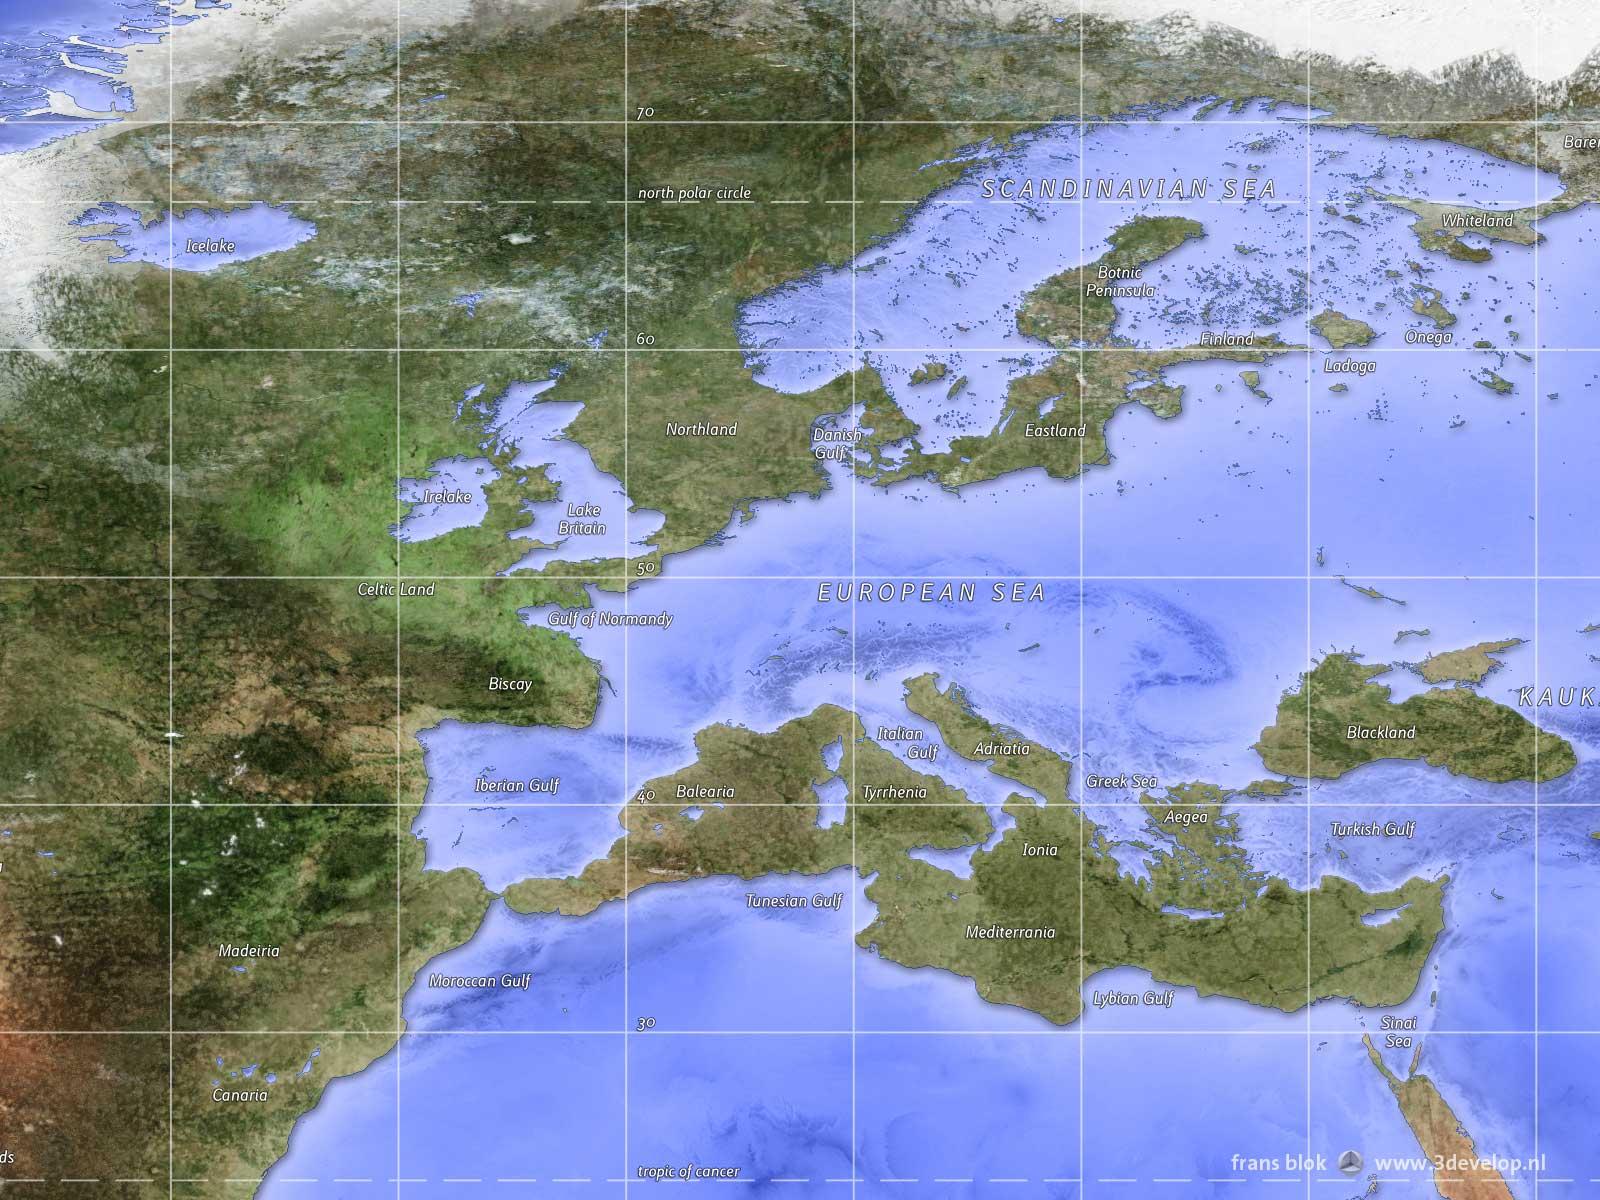 Fragment van de omgekeerde wereldkaart - land en zee zijn omgewisseld - met het gebied rond de Europese zee en het Mediterraan schiereiland